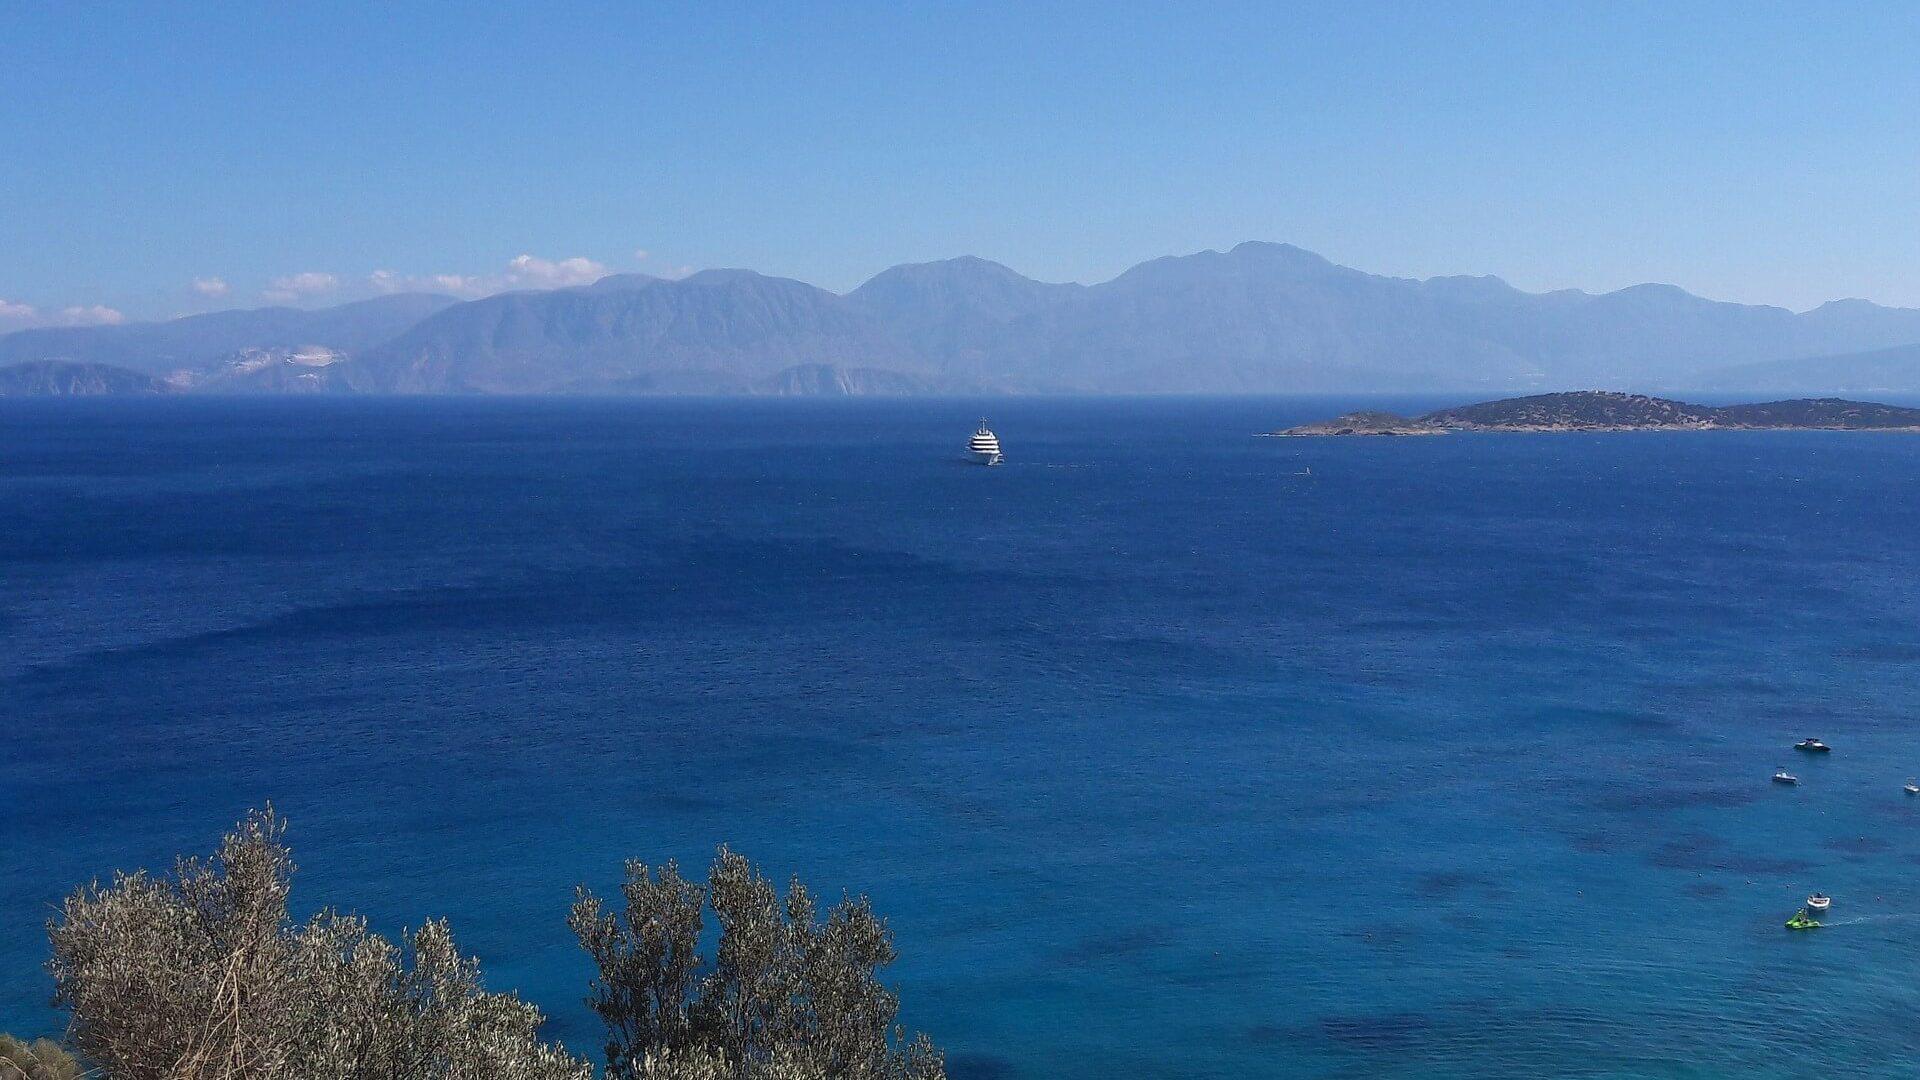 Oestliches Mittelmeer